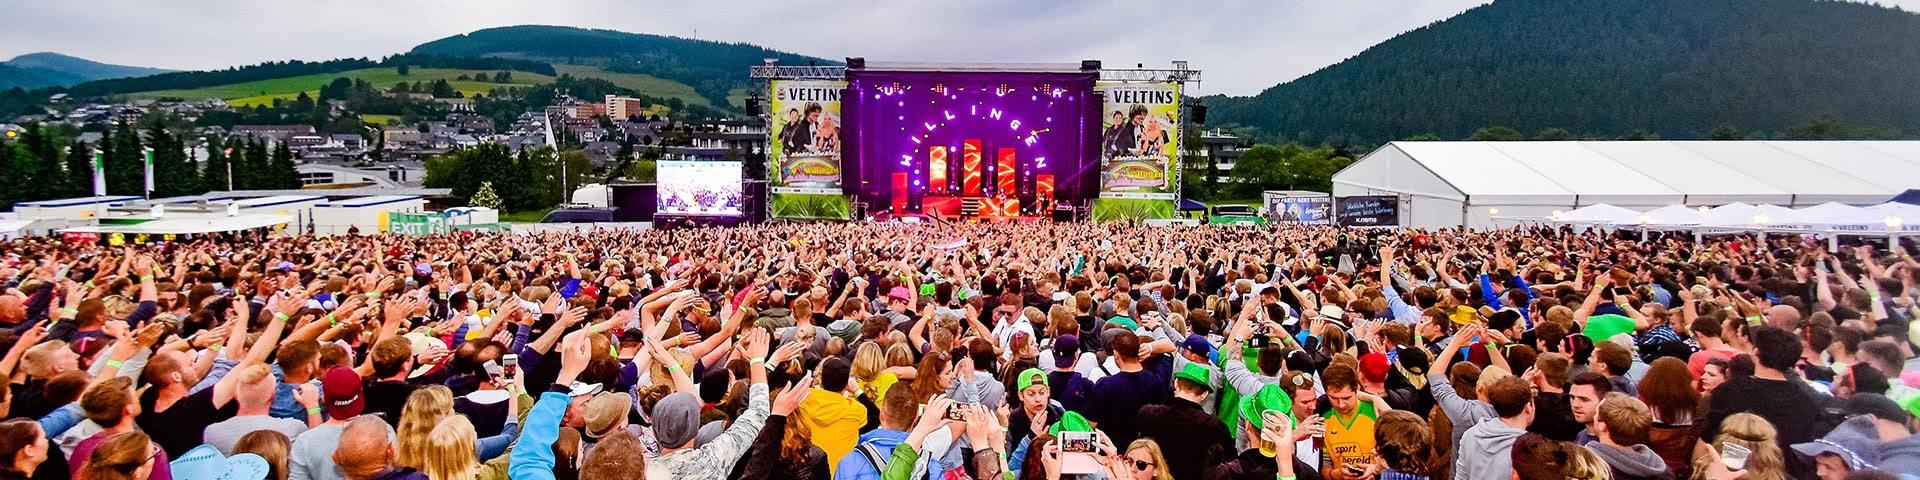 Viele Menschen auf der Veranstaltungsfläche von Viva Willingen